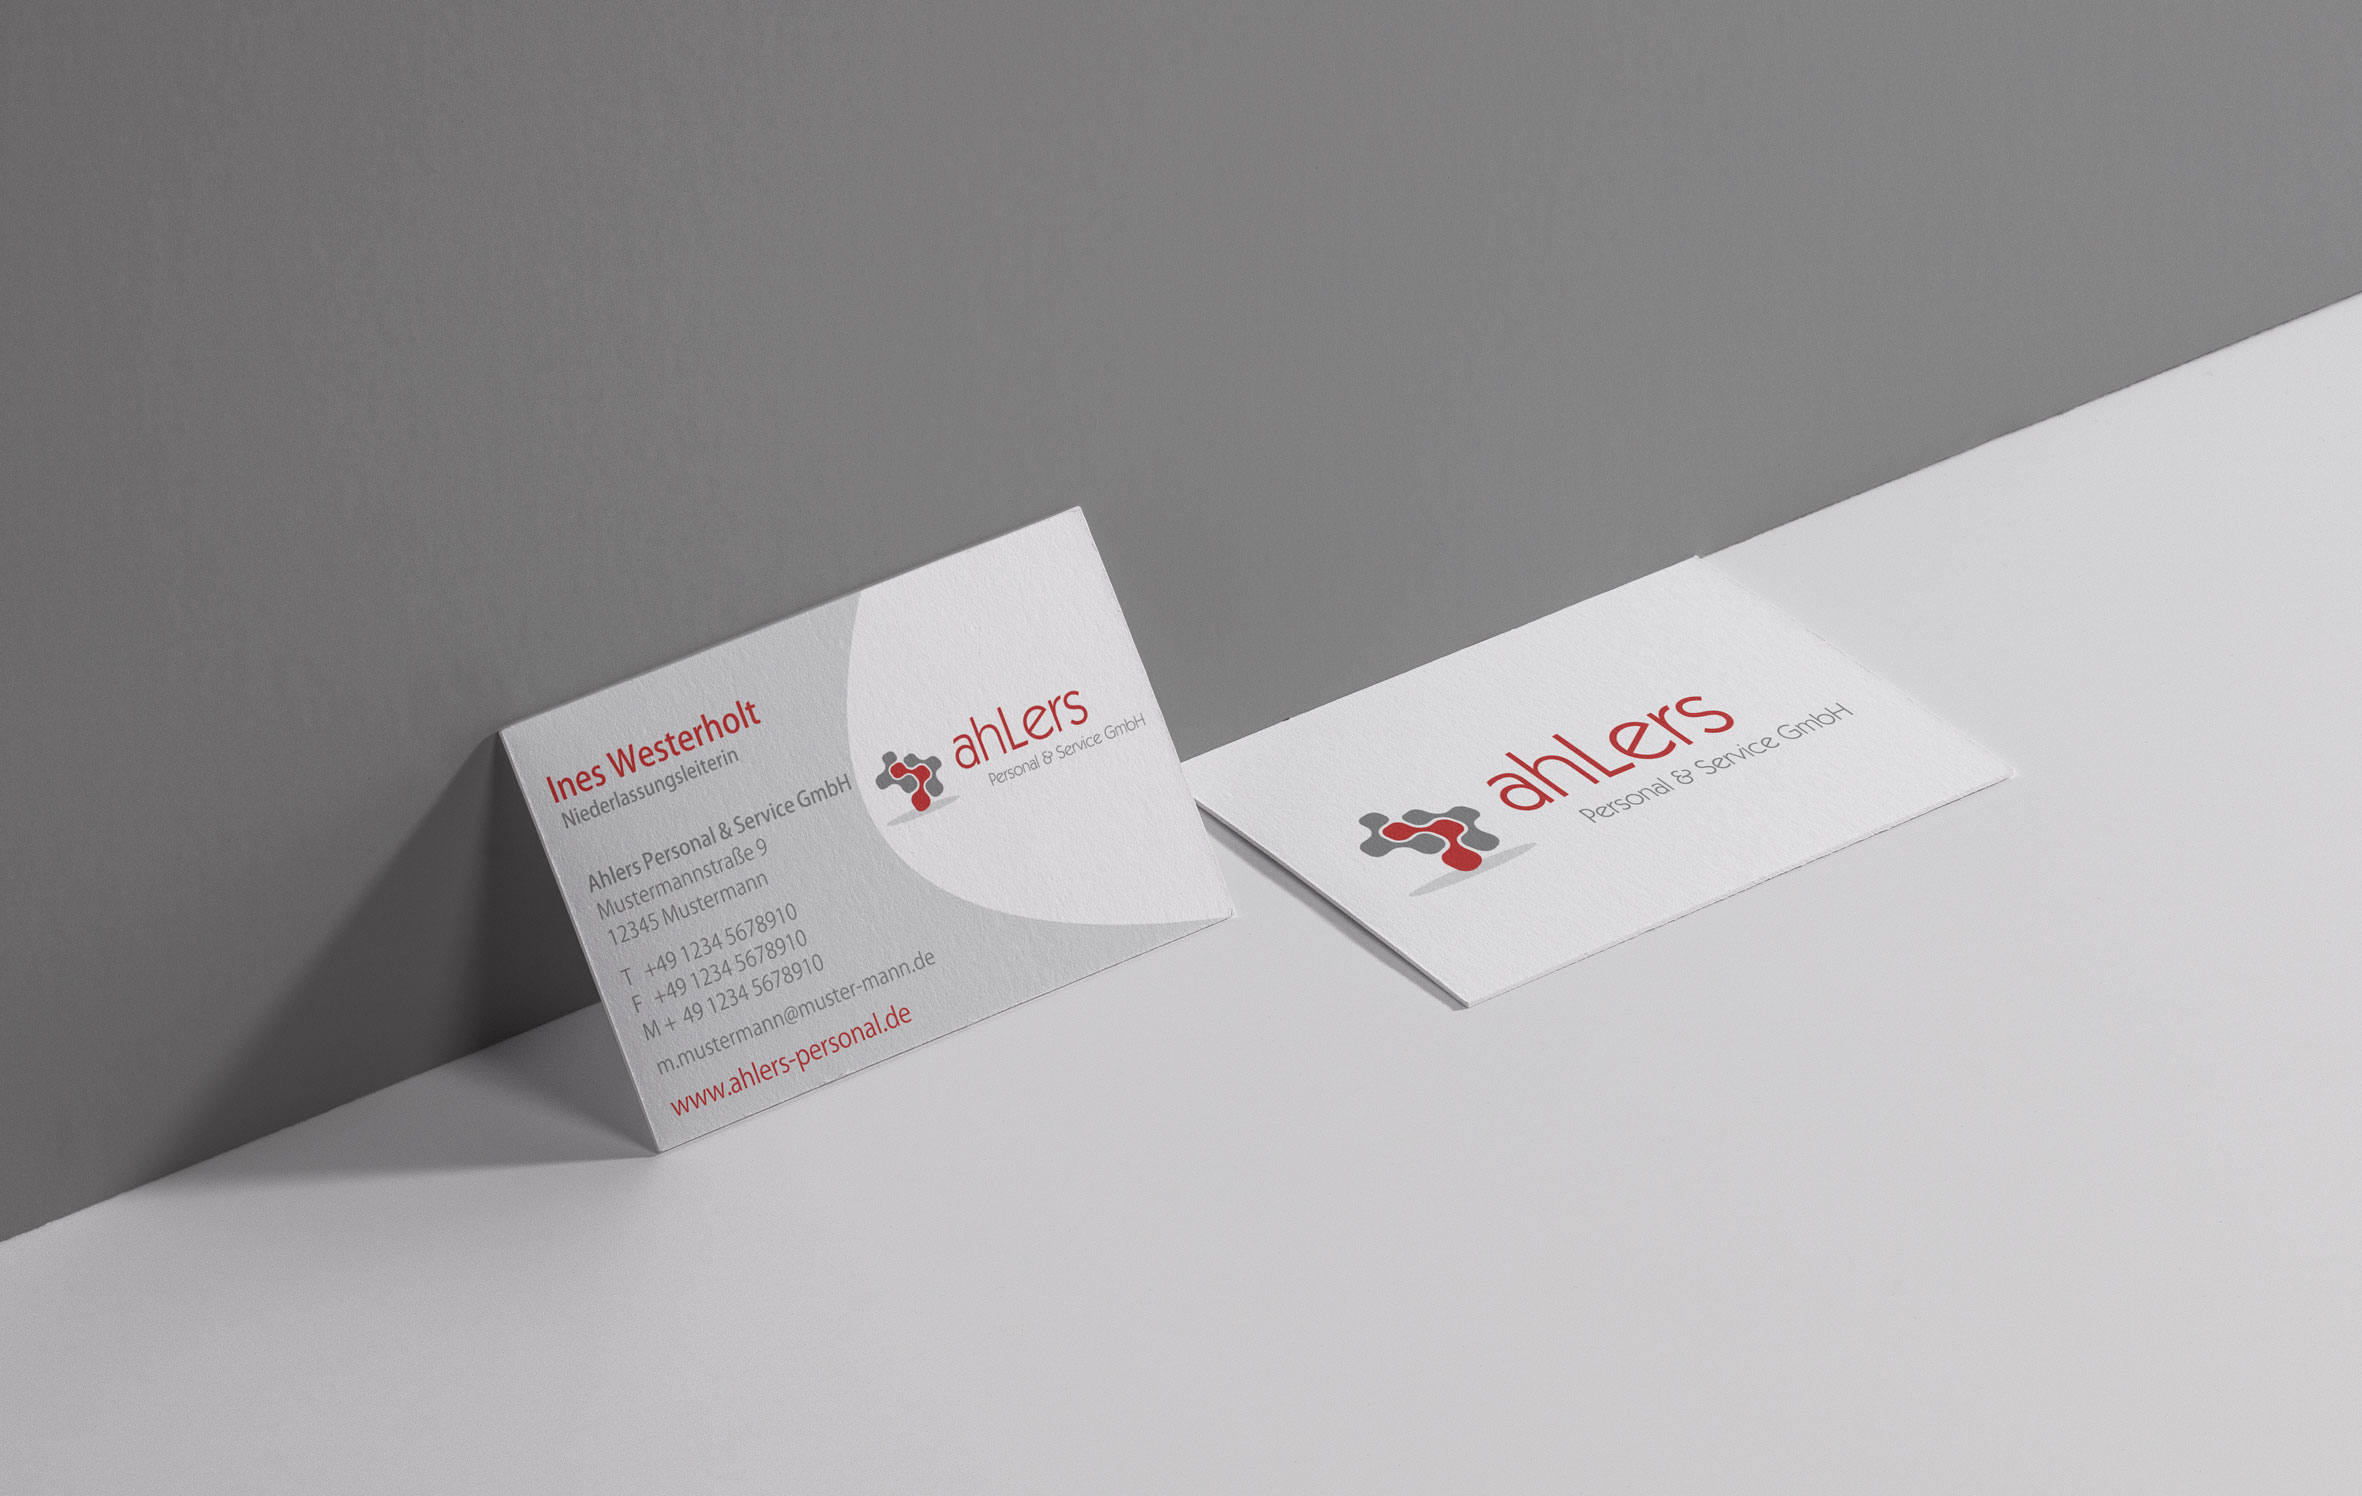 Printmedien Borrek Design Ihre Werbeagentur In Ganderkesee